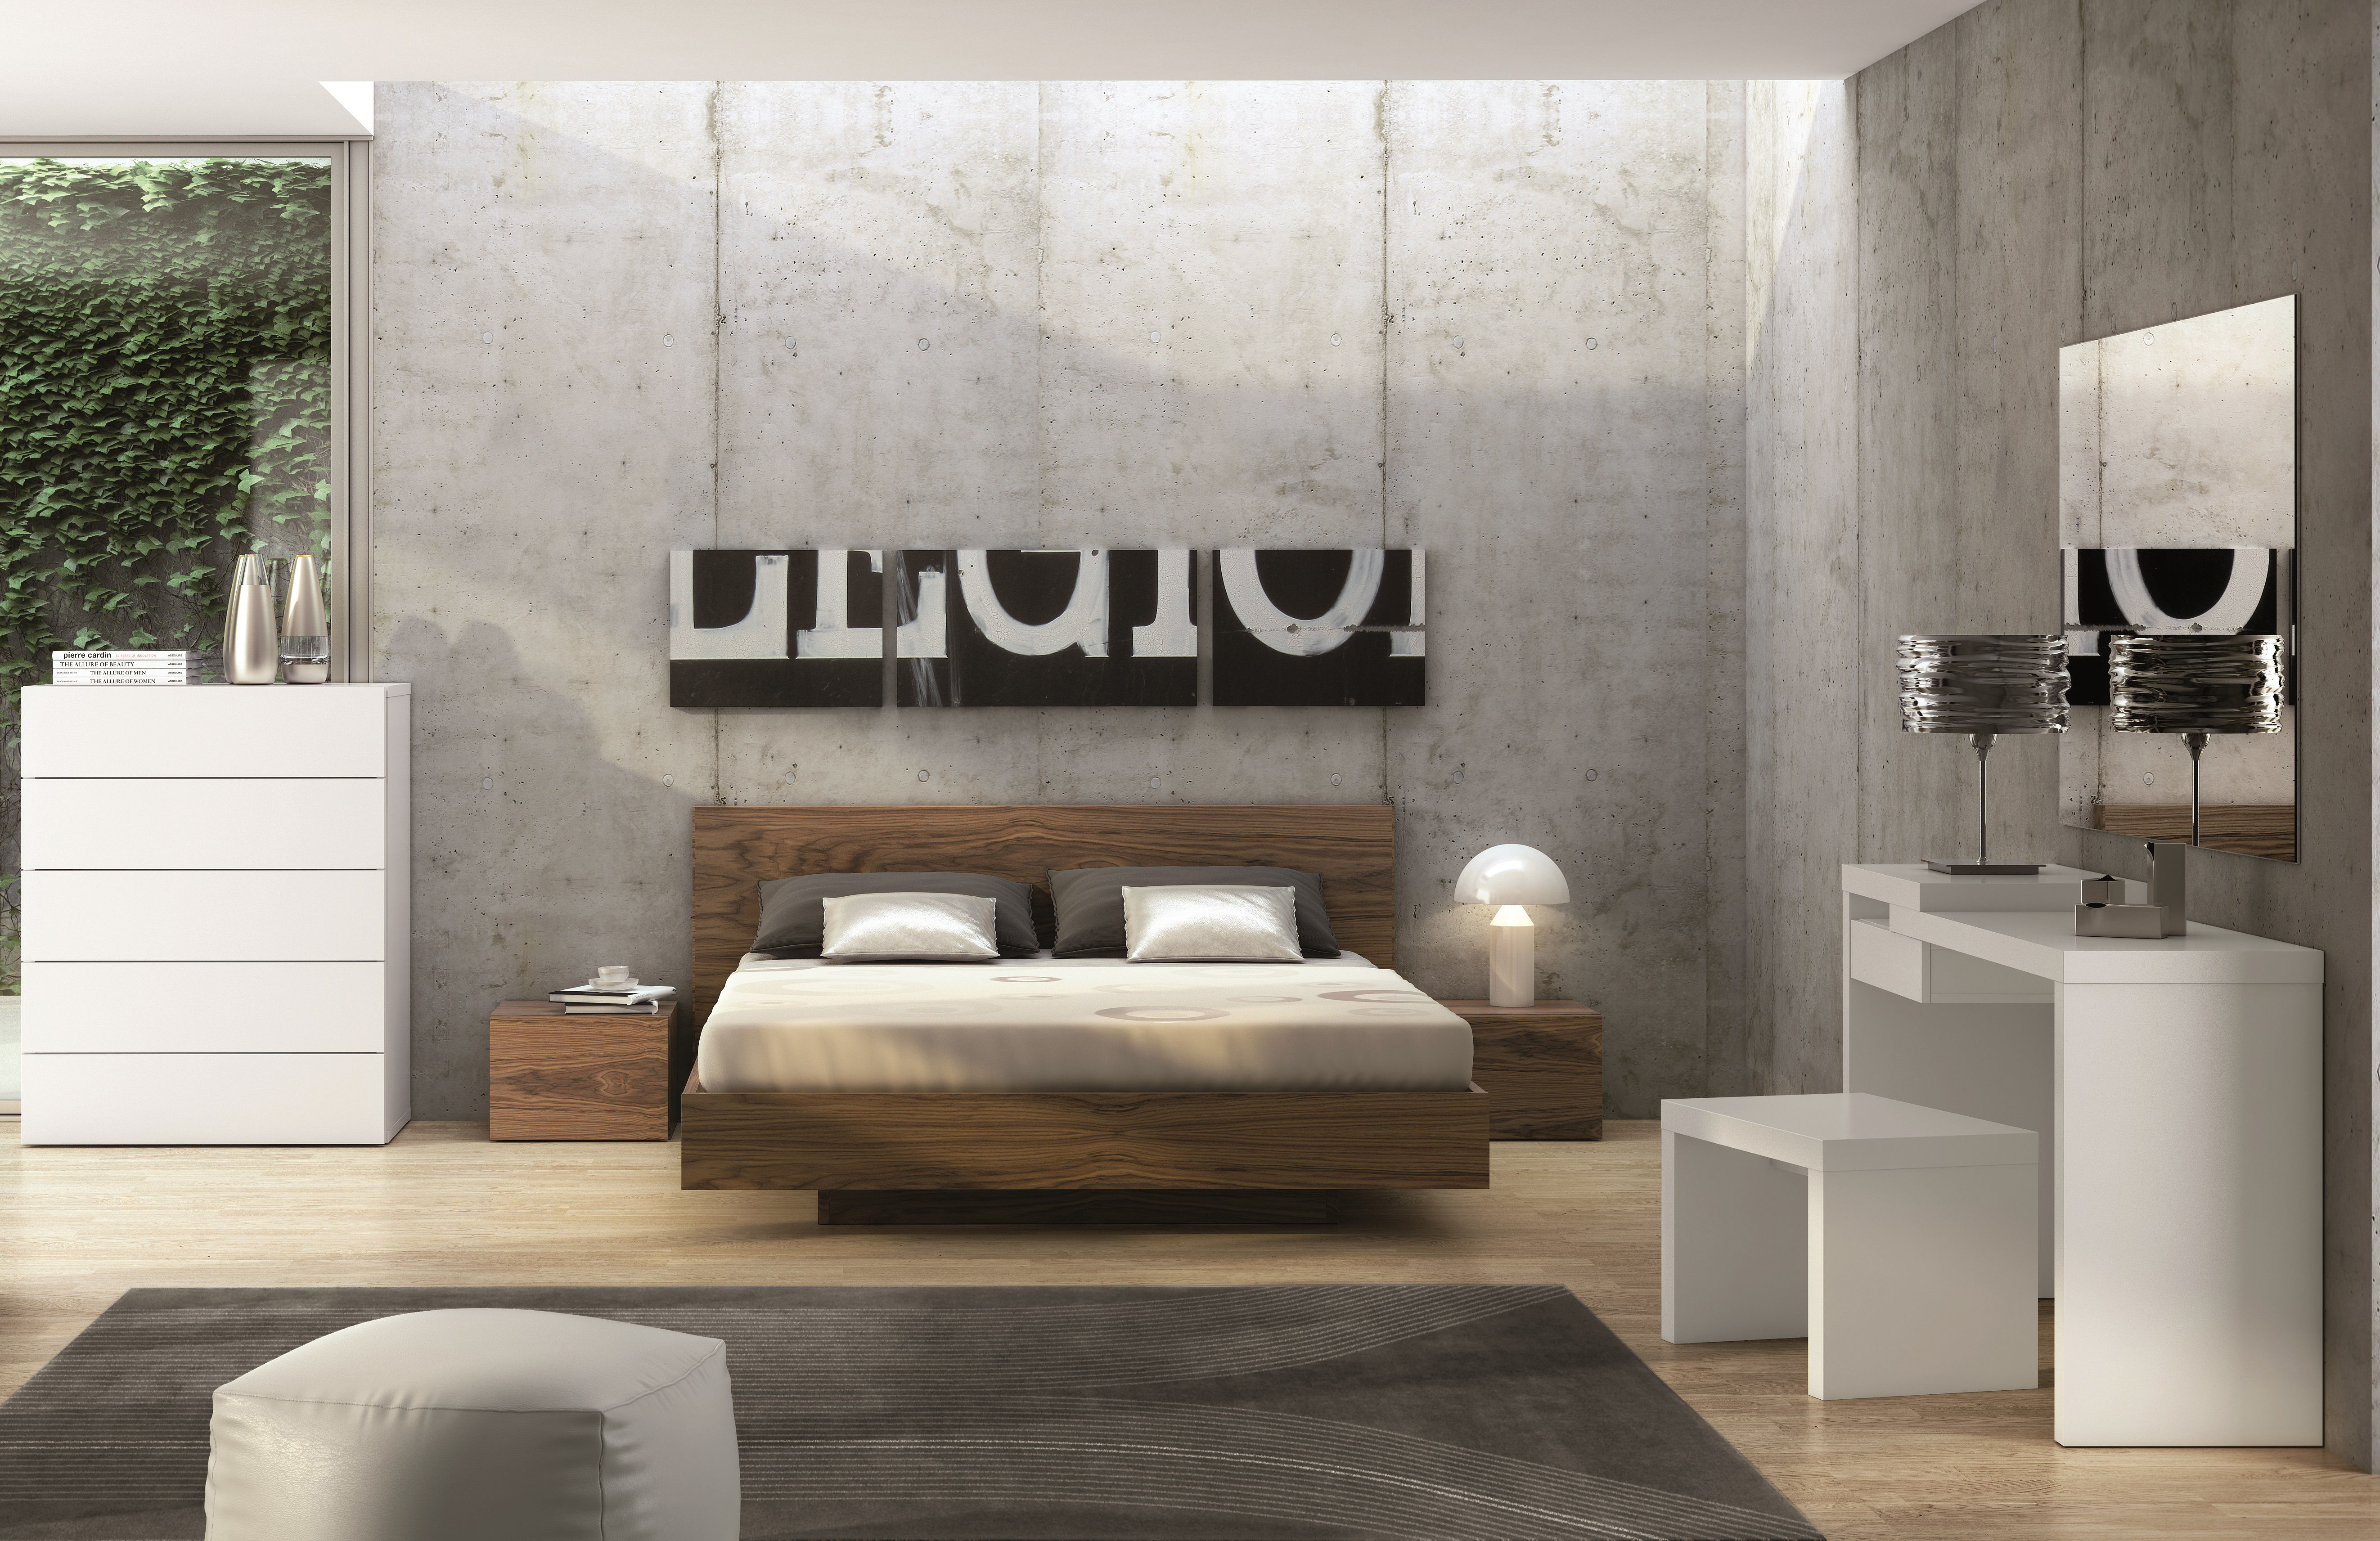 Letto Matrimoniale Design.Letto Matrimoniale Float 180 X 200 Cm Pop Up Home